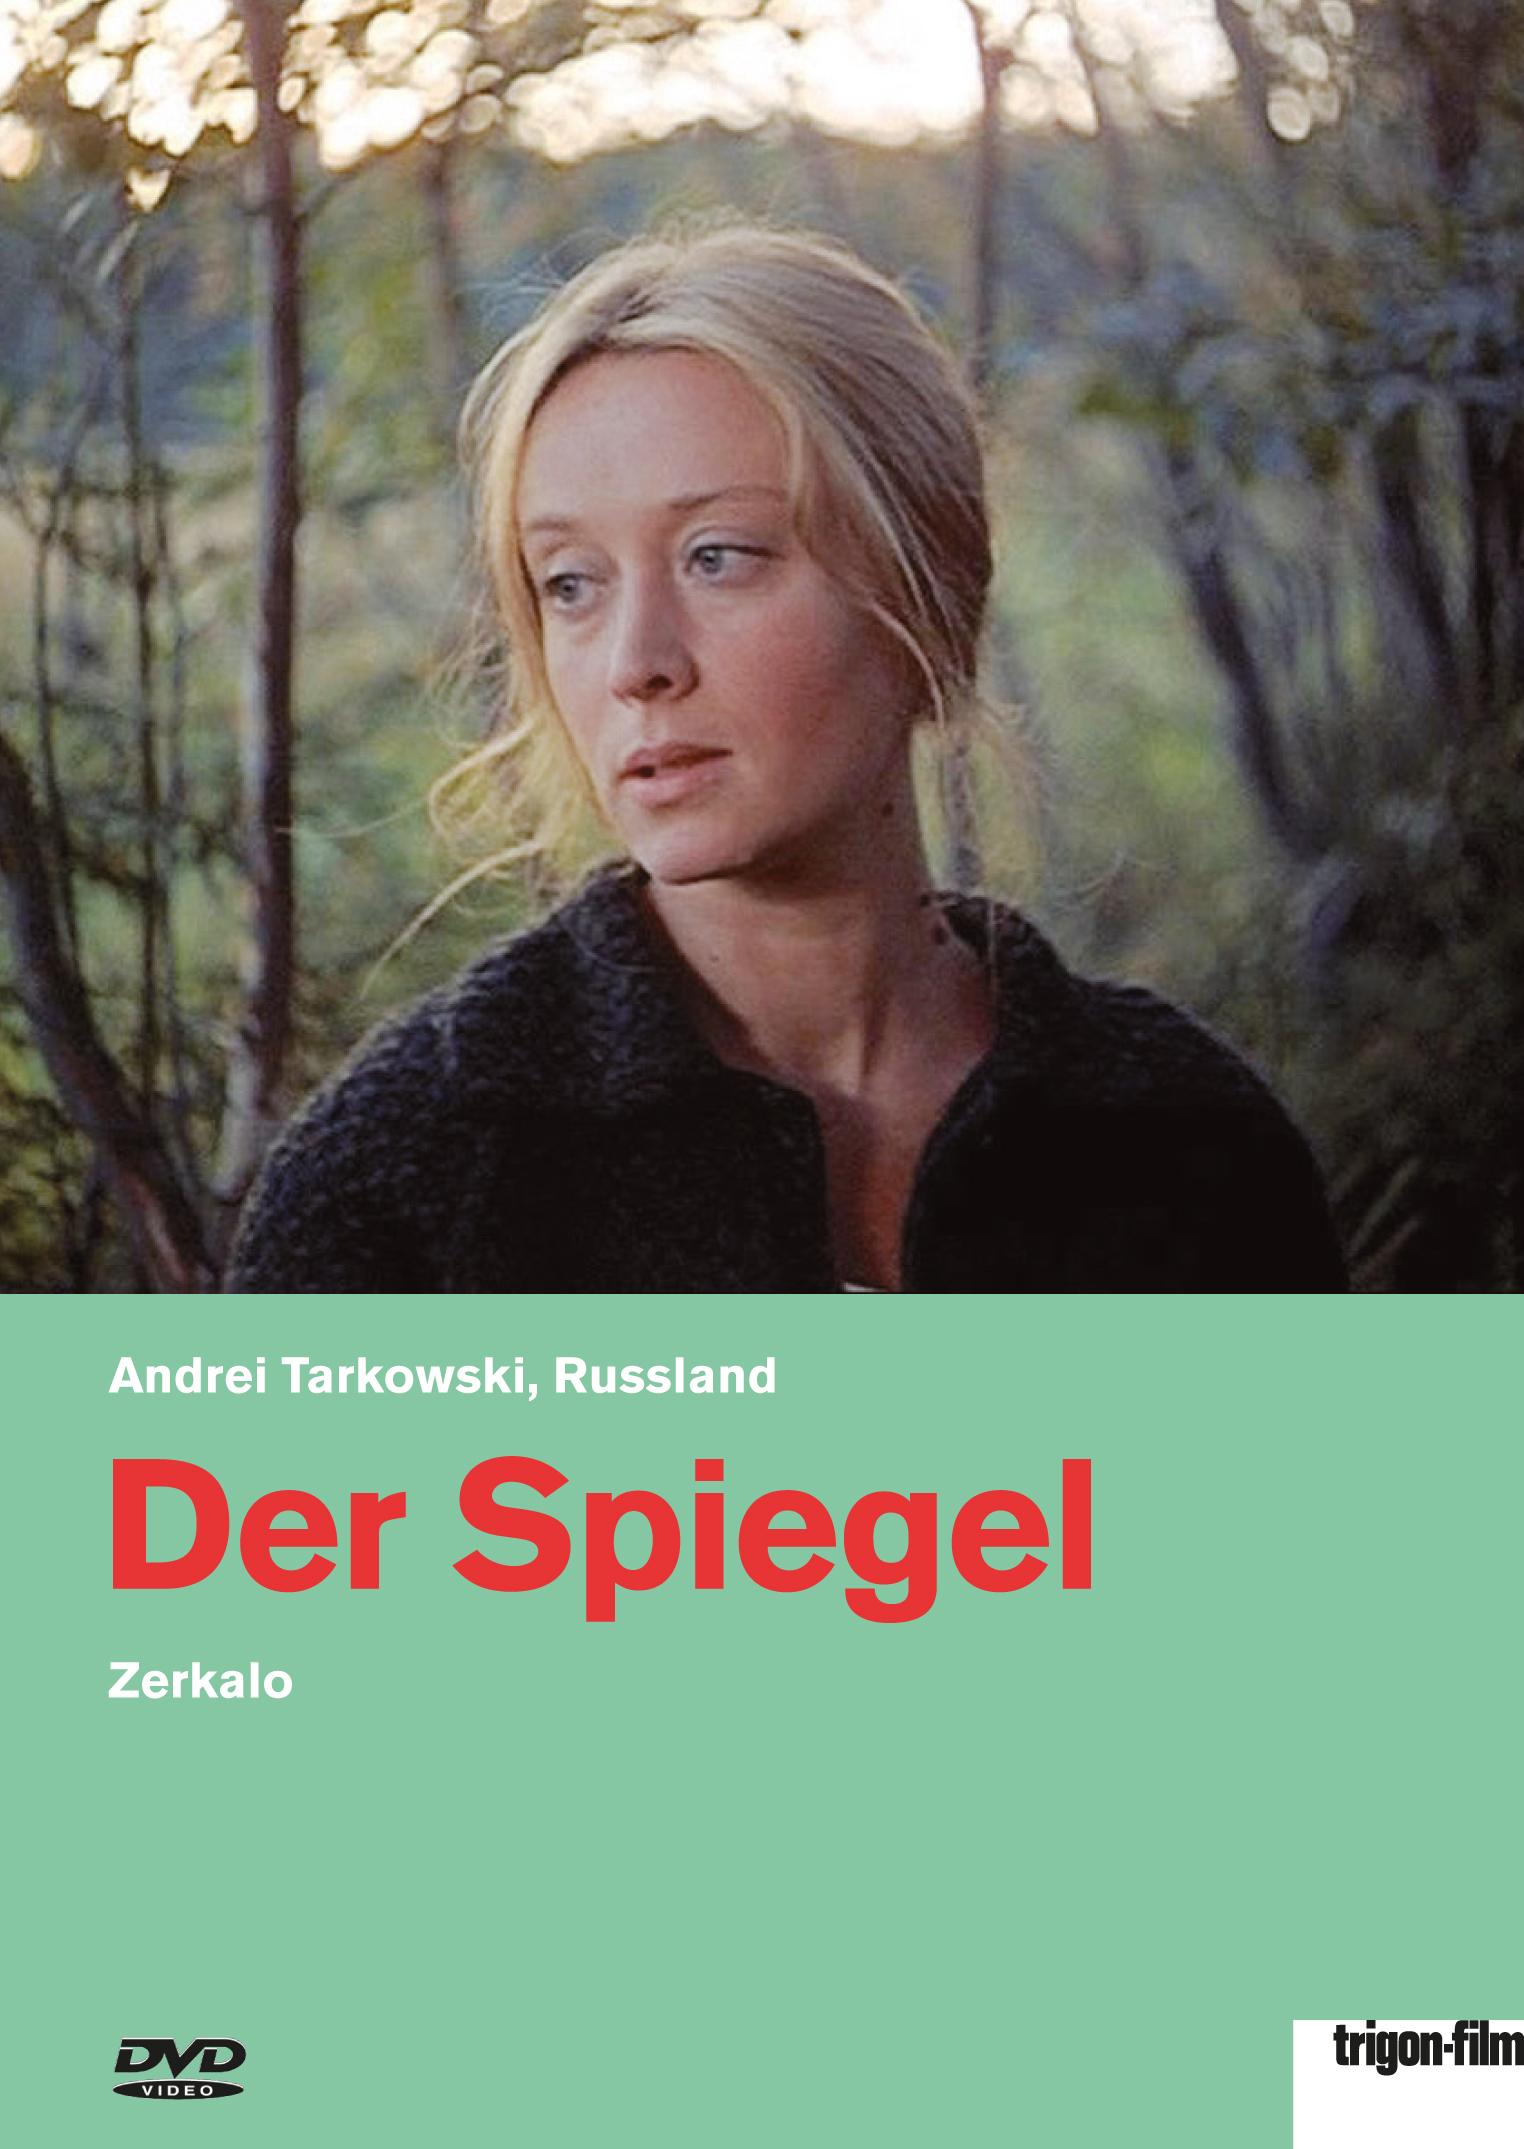 Der spiegel serkalo dvd trigon for Der spiegel aktuell